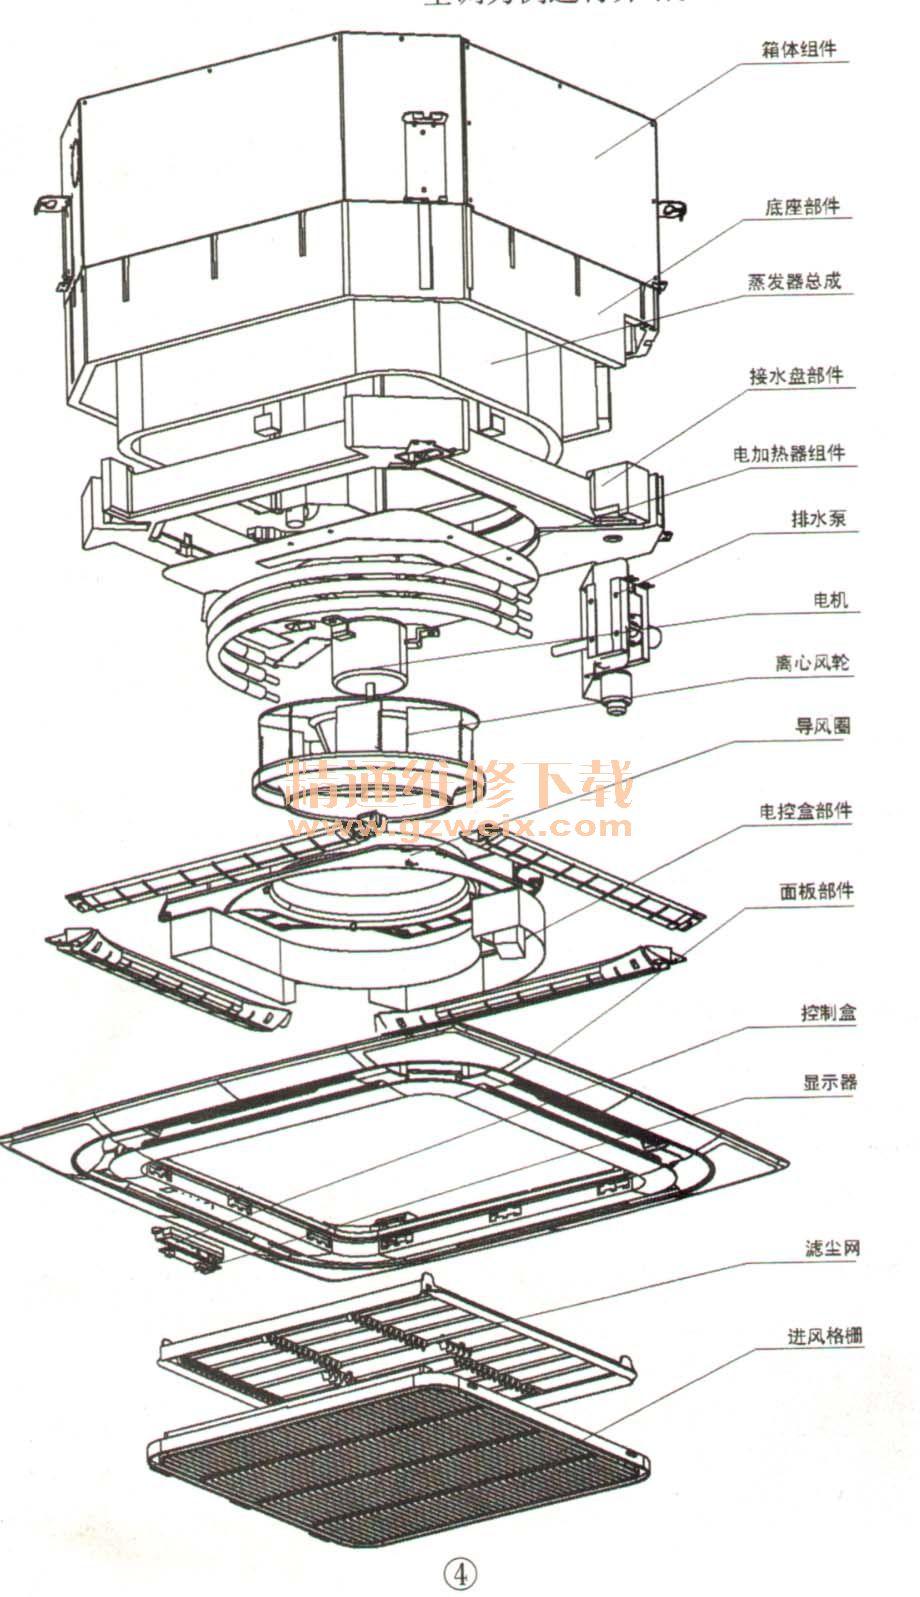 柜式空调室内机结构_分体嵌入式空调室内机拆卸图解 - 精通维修下载